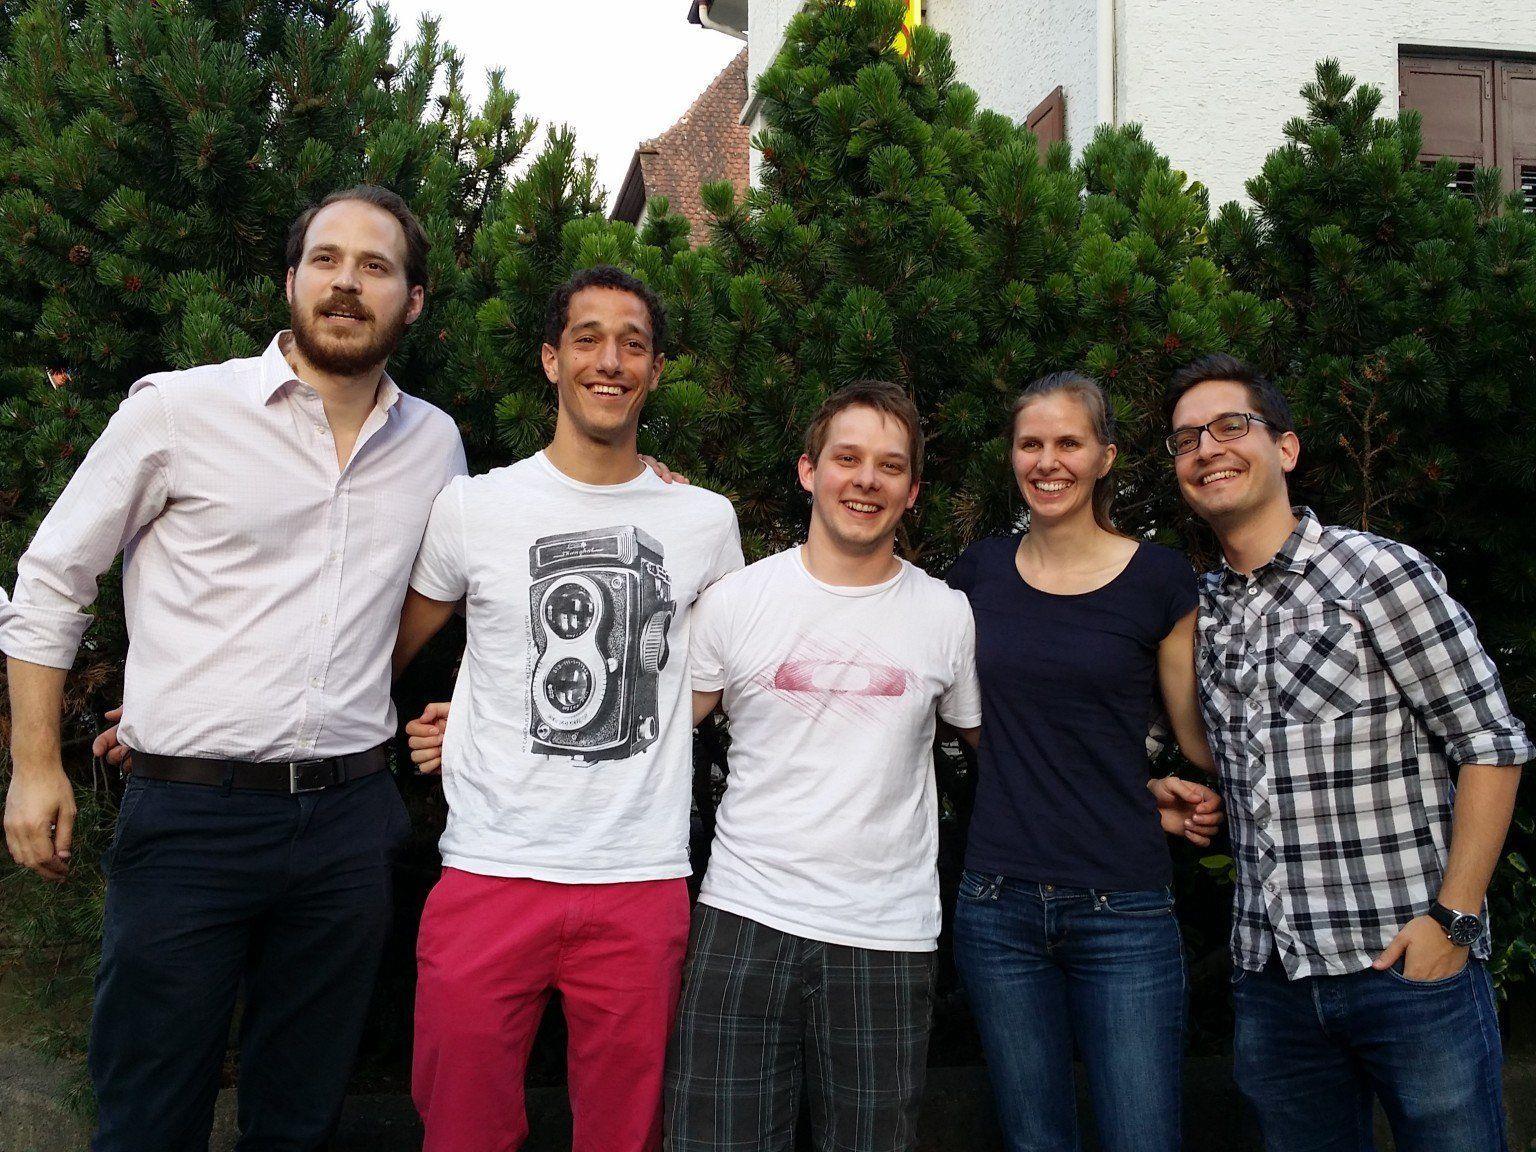 Nikolaus Scherak (Bundesvorsitzender), Kilian Holzer (stv. Landesvorsitzender), Florian Schrei (Landesgeschäftsführer), Agnes Wachter (stv. Landesvorsitzende), Mathias Gehrer (Landesvorsitzender) (v.l.)